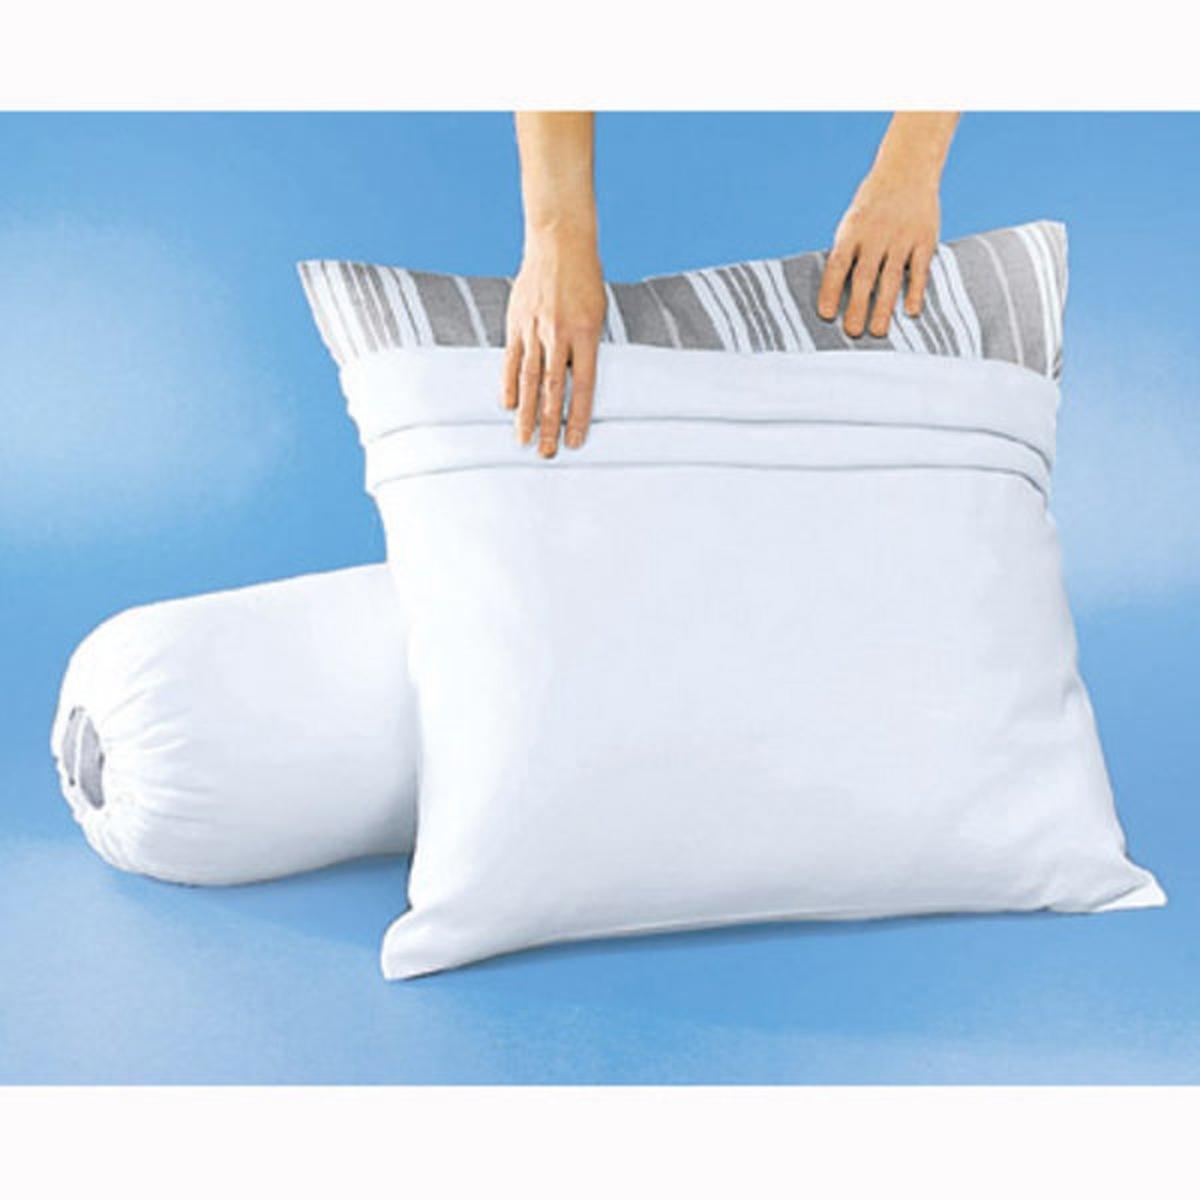 Наволочка защитная  из мольтонаЗащитная наволочка  из мольтона с обработкой от пятен для подушки-валика.Из мольтона с двухсторонним начёсом (220 гр/м?) с обработкой Teflon от пятен (свежее пятно достаточно протереть губкой или впитывающей бумагой,чтобы оно исчезло).Уход: Стирка при 60°С.Размеры:90 x 23 см, 140 x 23 см.<br><br>Цвет: белый